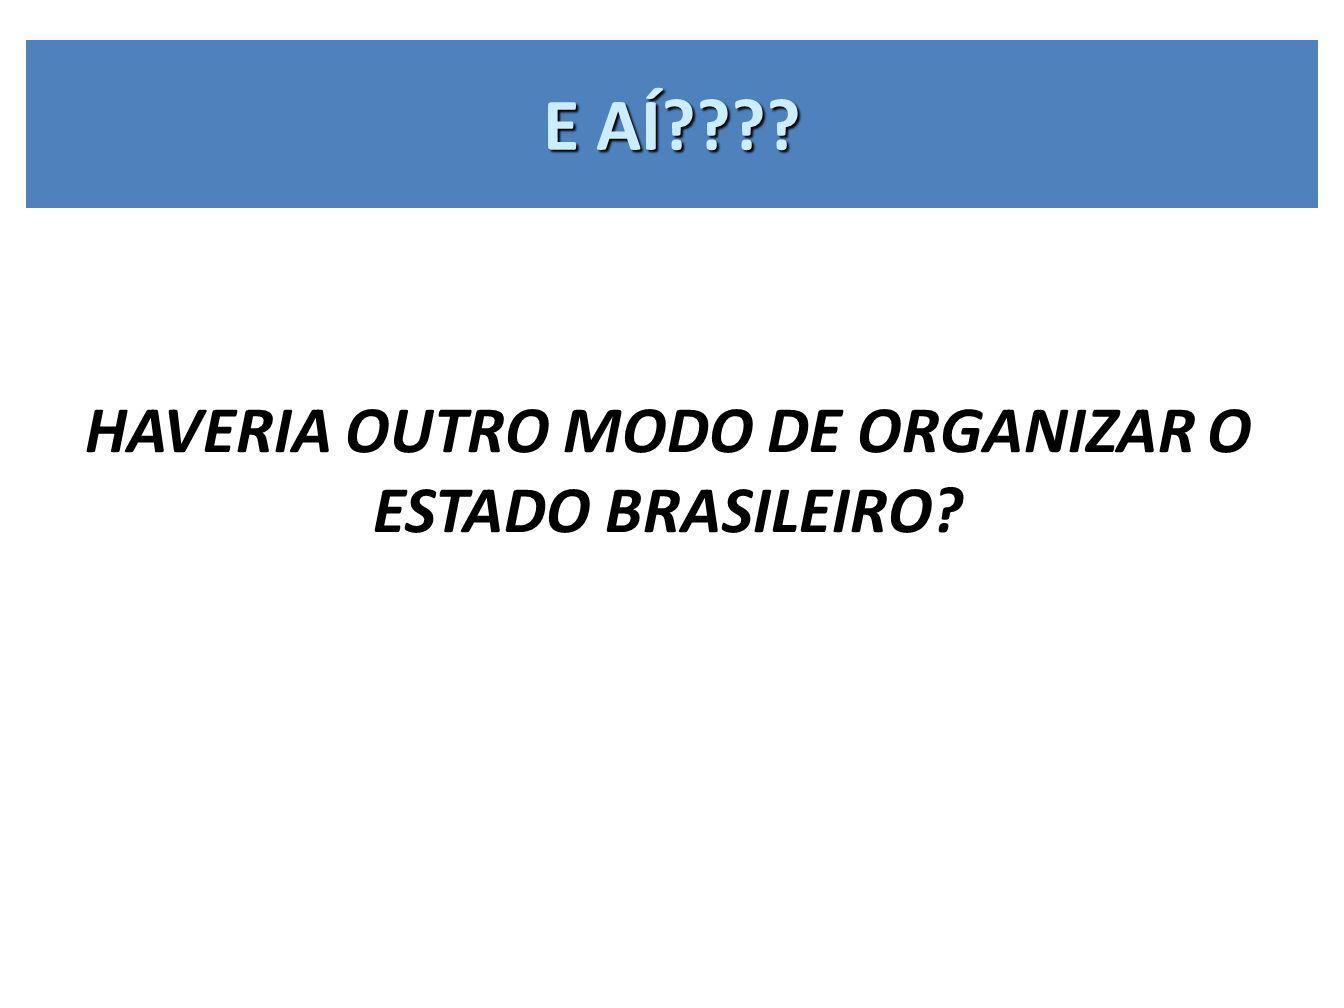 E AÍ???? HAVERIA OUTRO MODO DE ORGANIZAR O ESTADO BRASILEIRO?